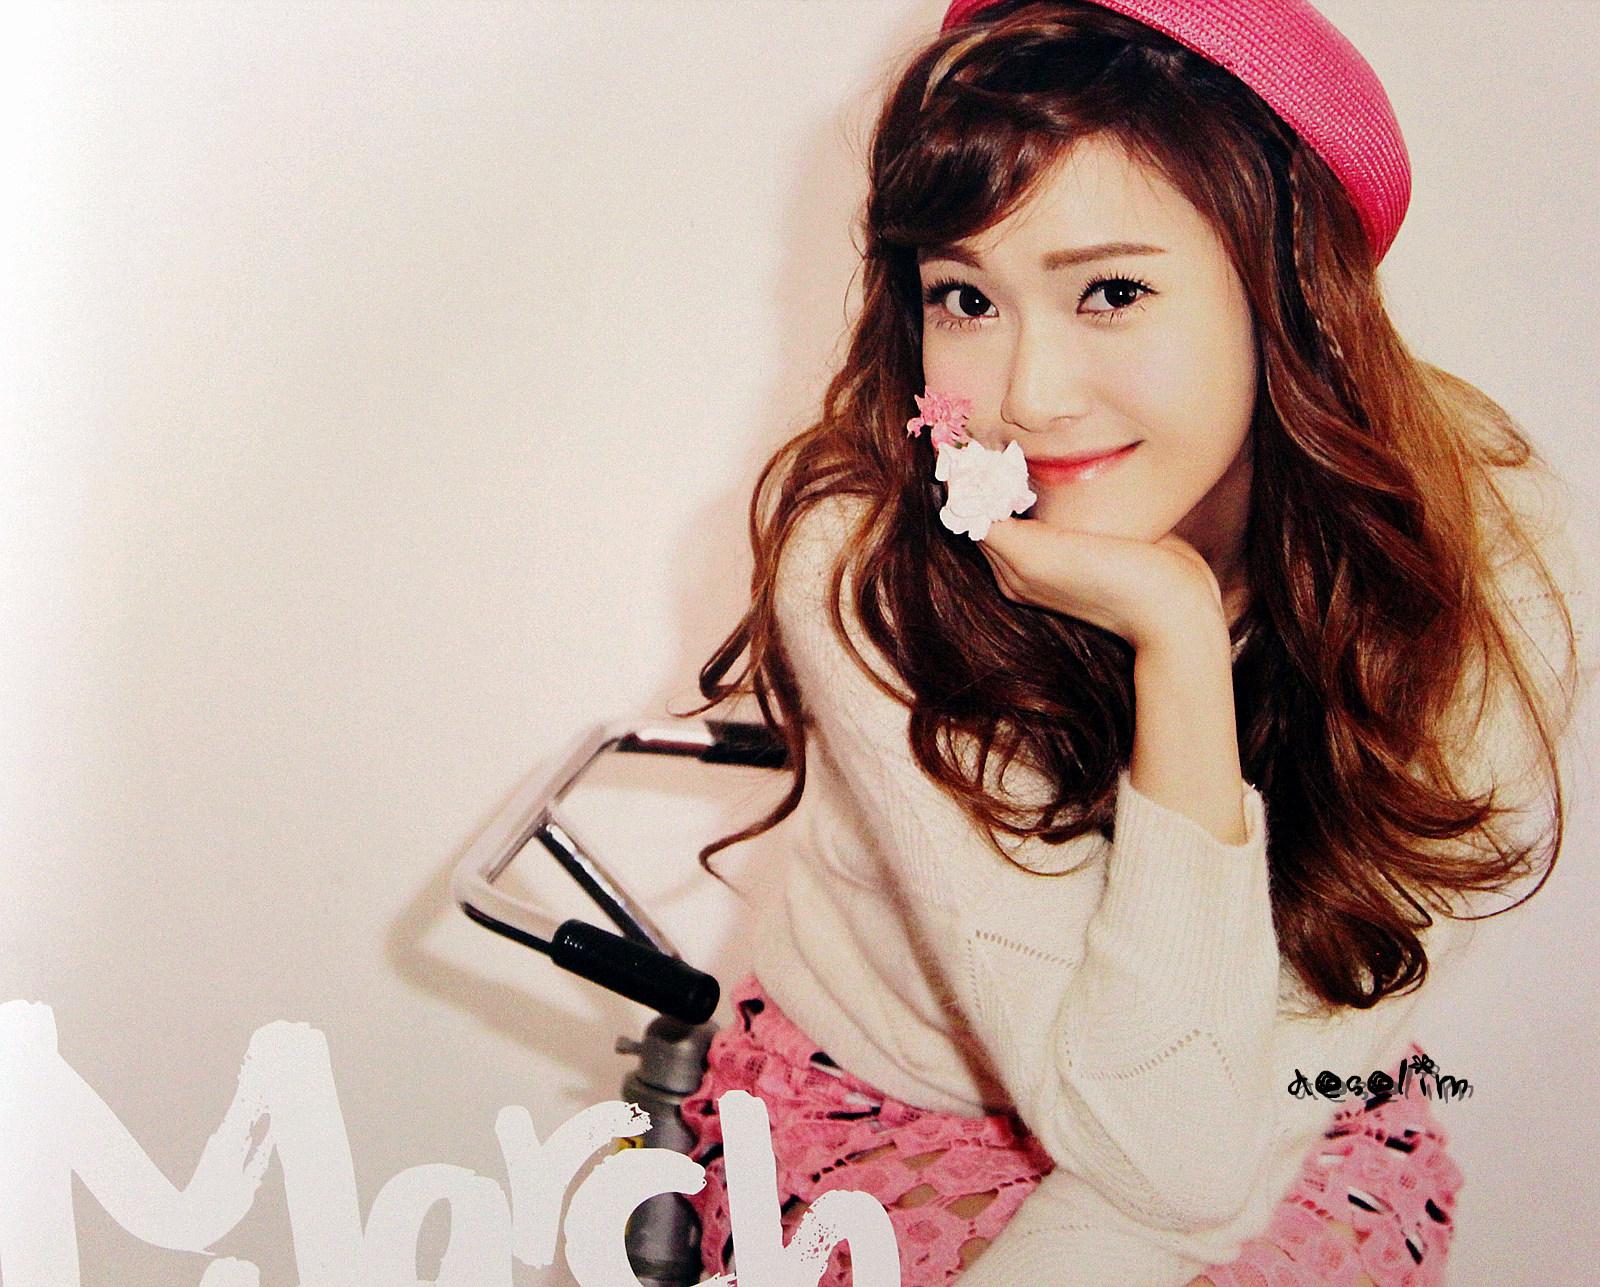 صور جسيكــــــا -Jessica-Girls-Generation-2012-Calendar-Scans-HD-jung-sisters-27961354-1600-1287